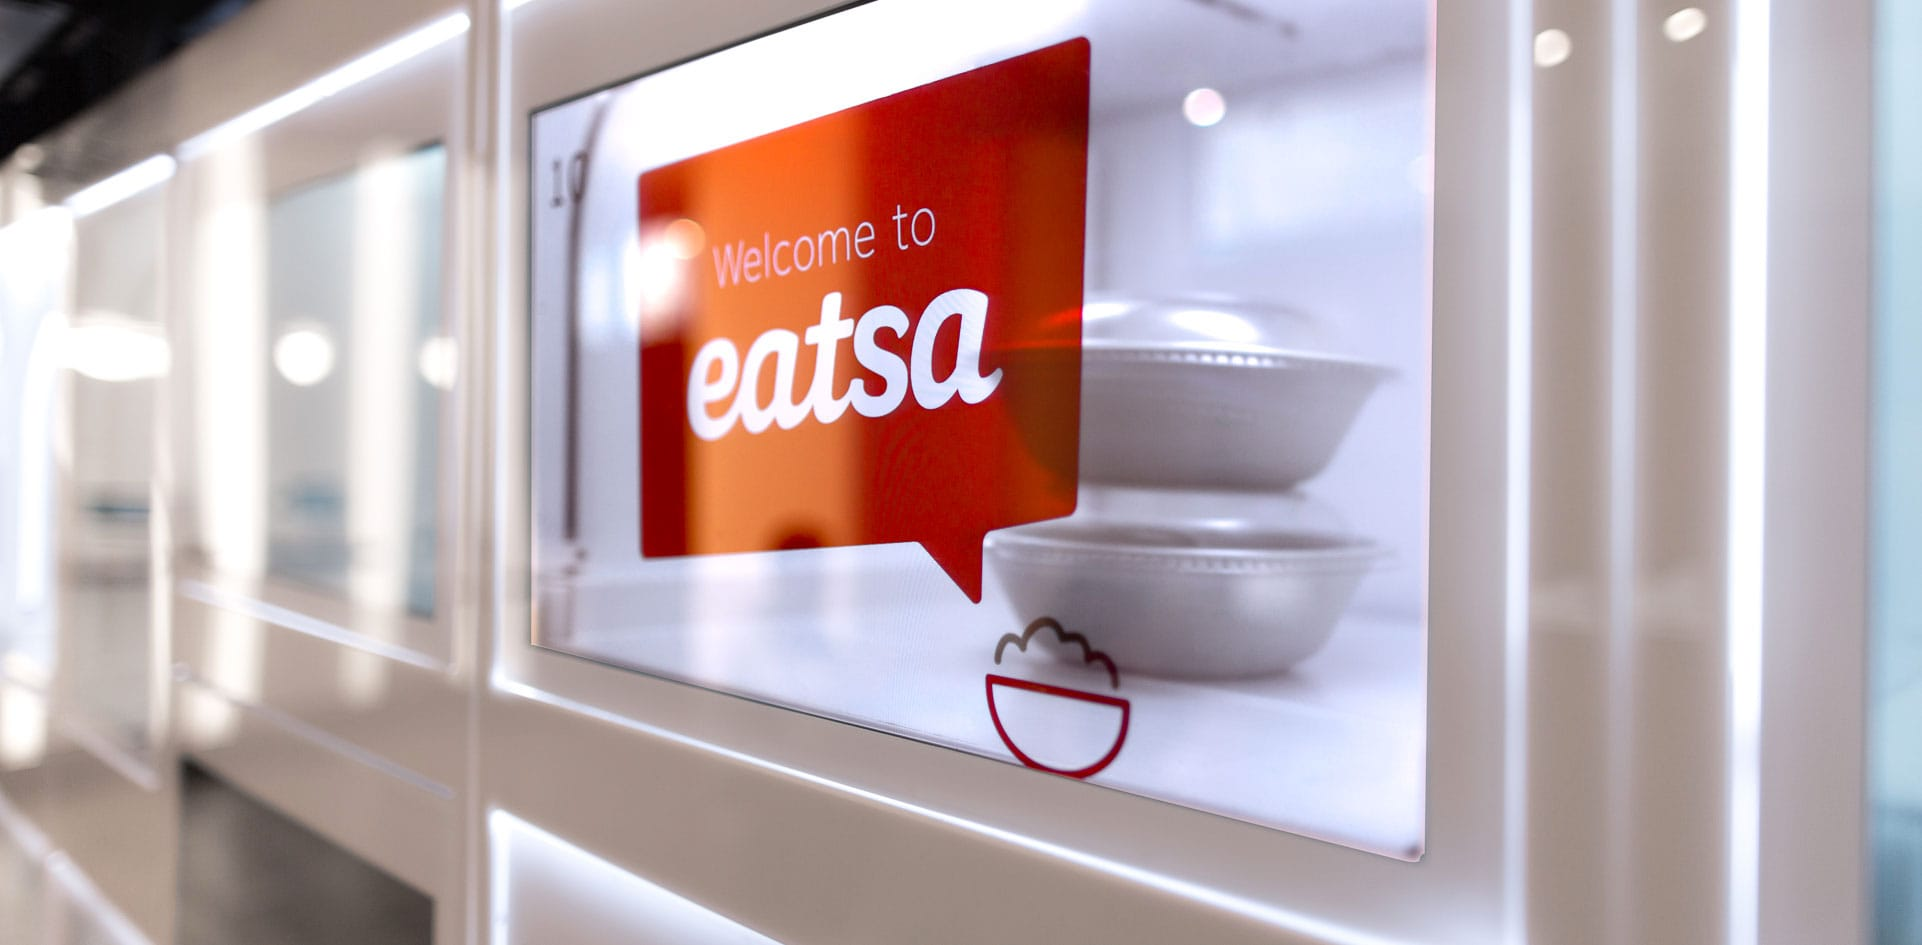 Cubby display per ordinare al ristorante del futuro